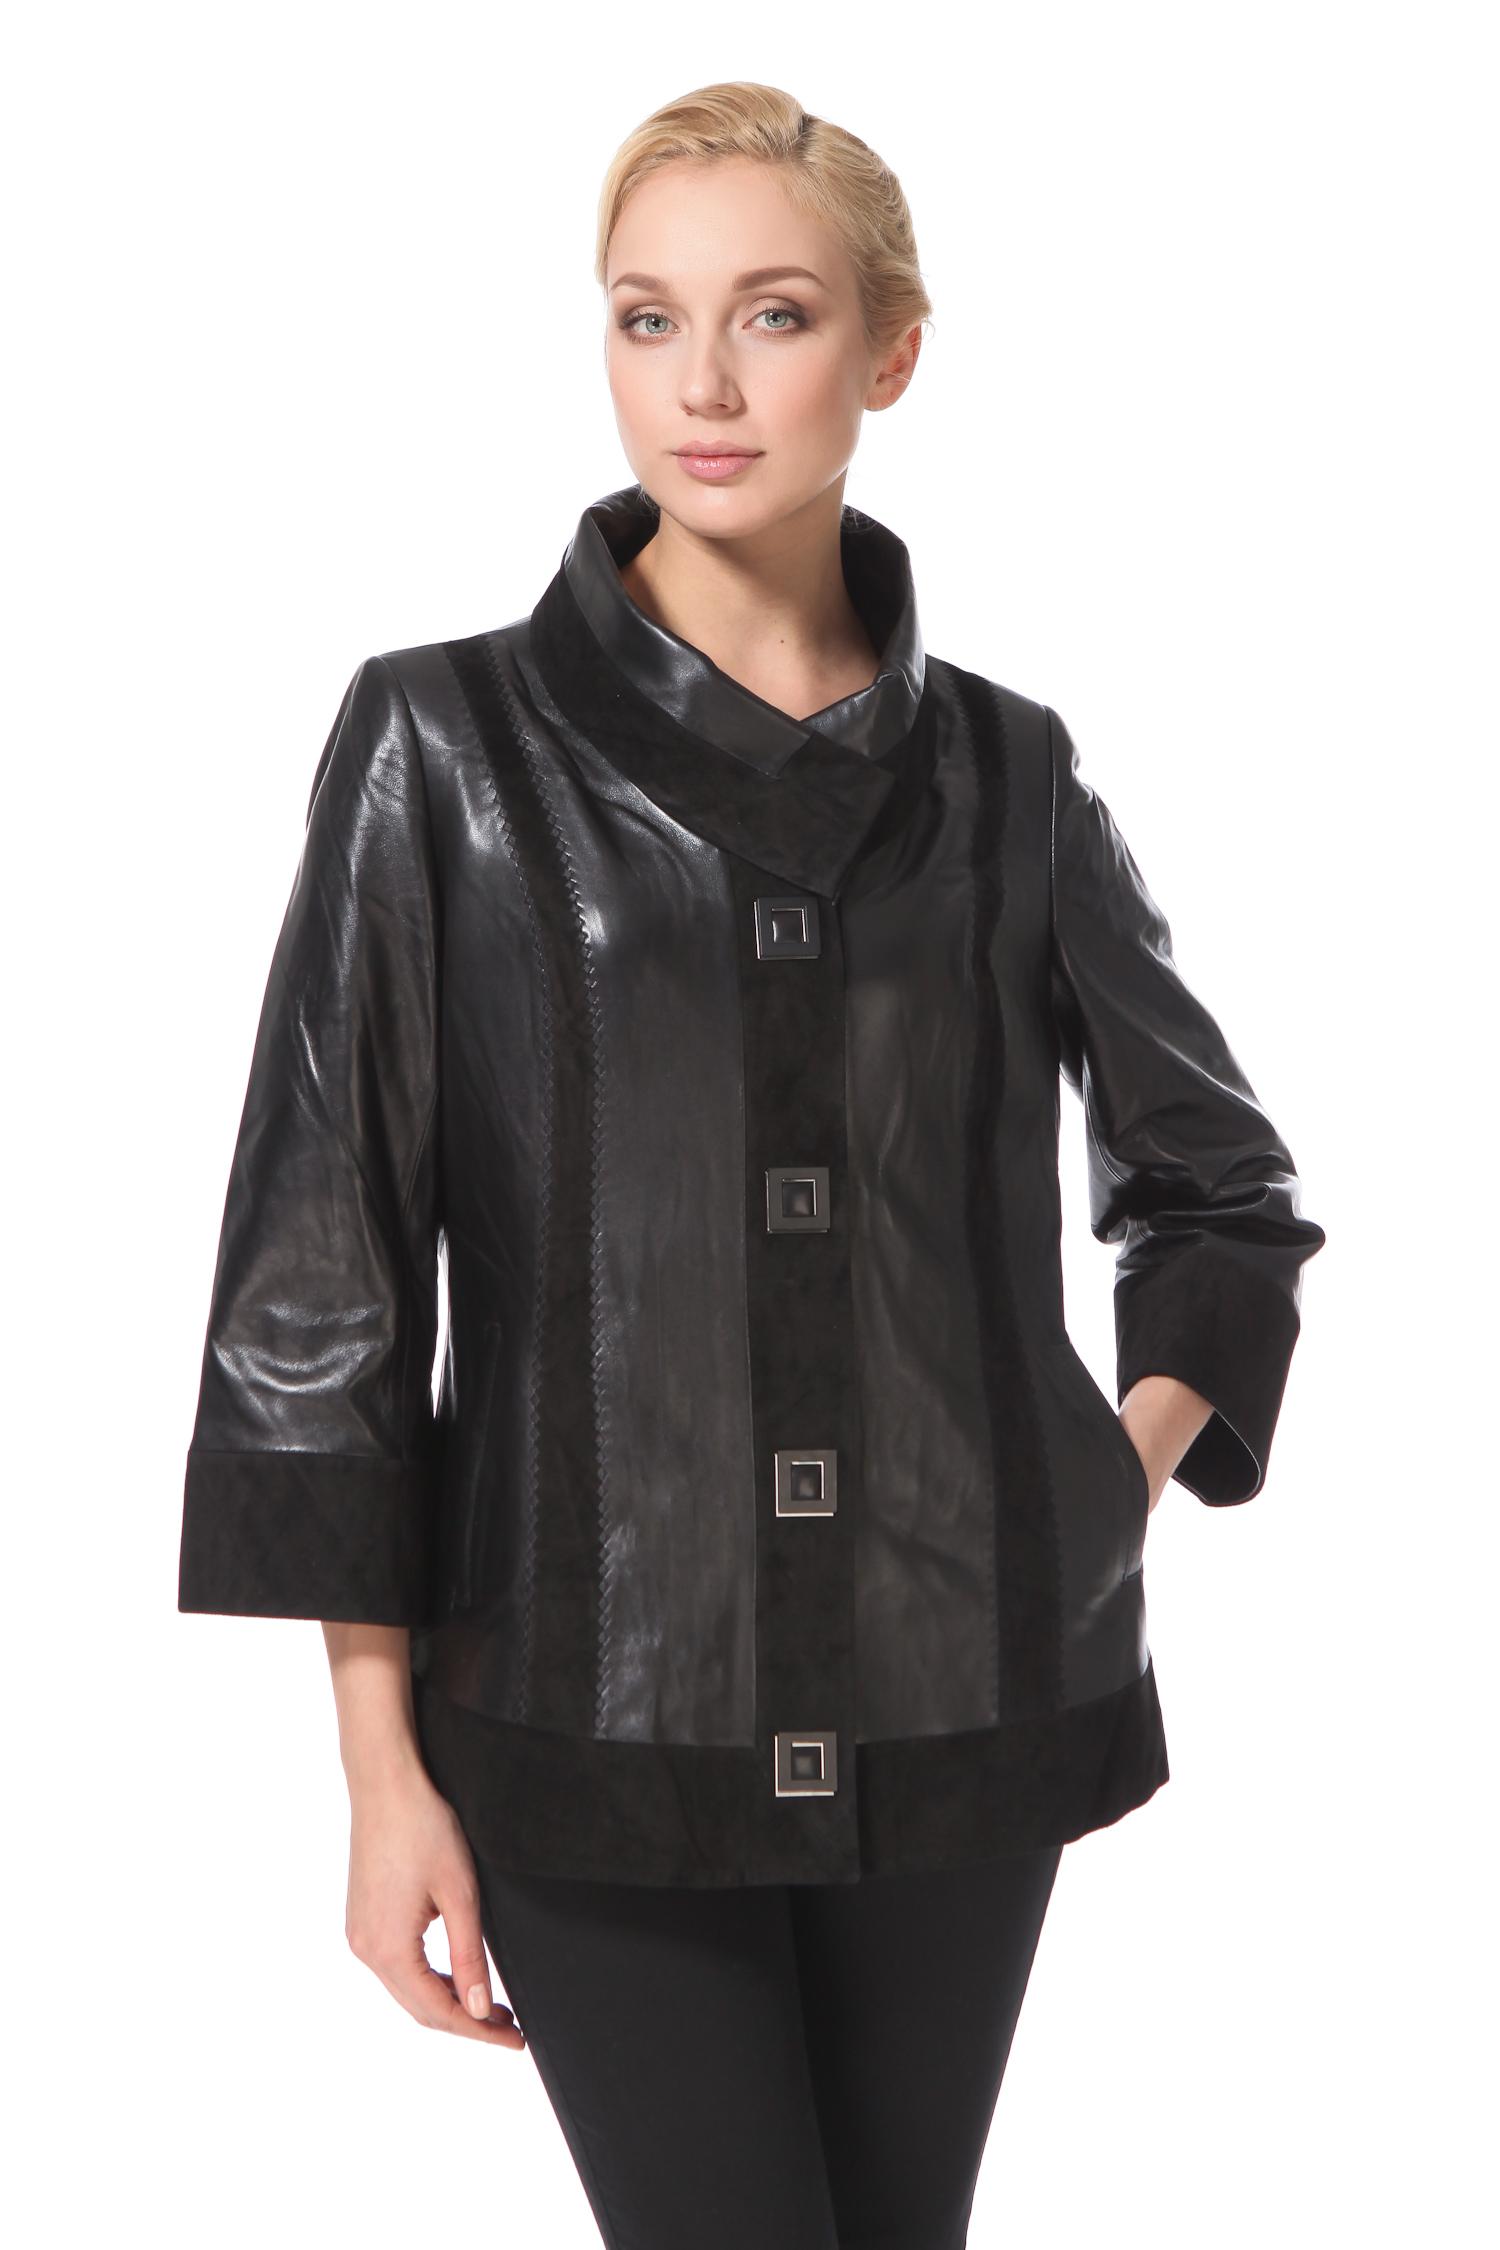 Женская кожаная куртка из натуральной замши с воротником, без отделки